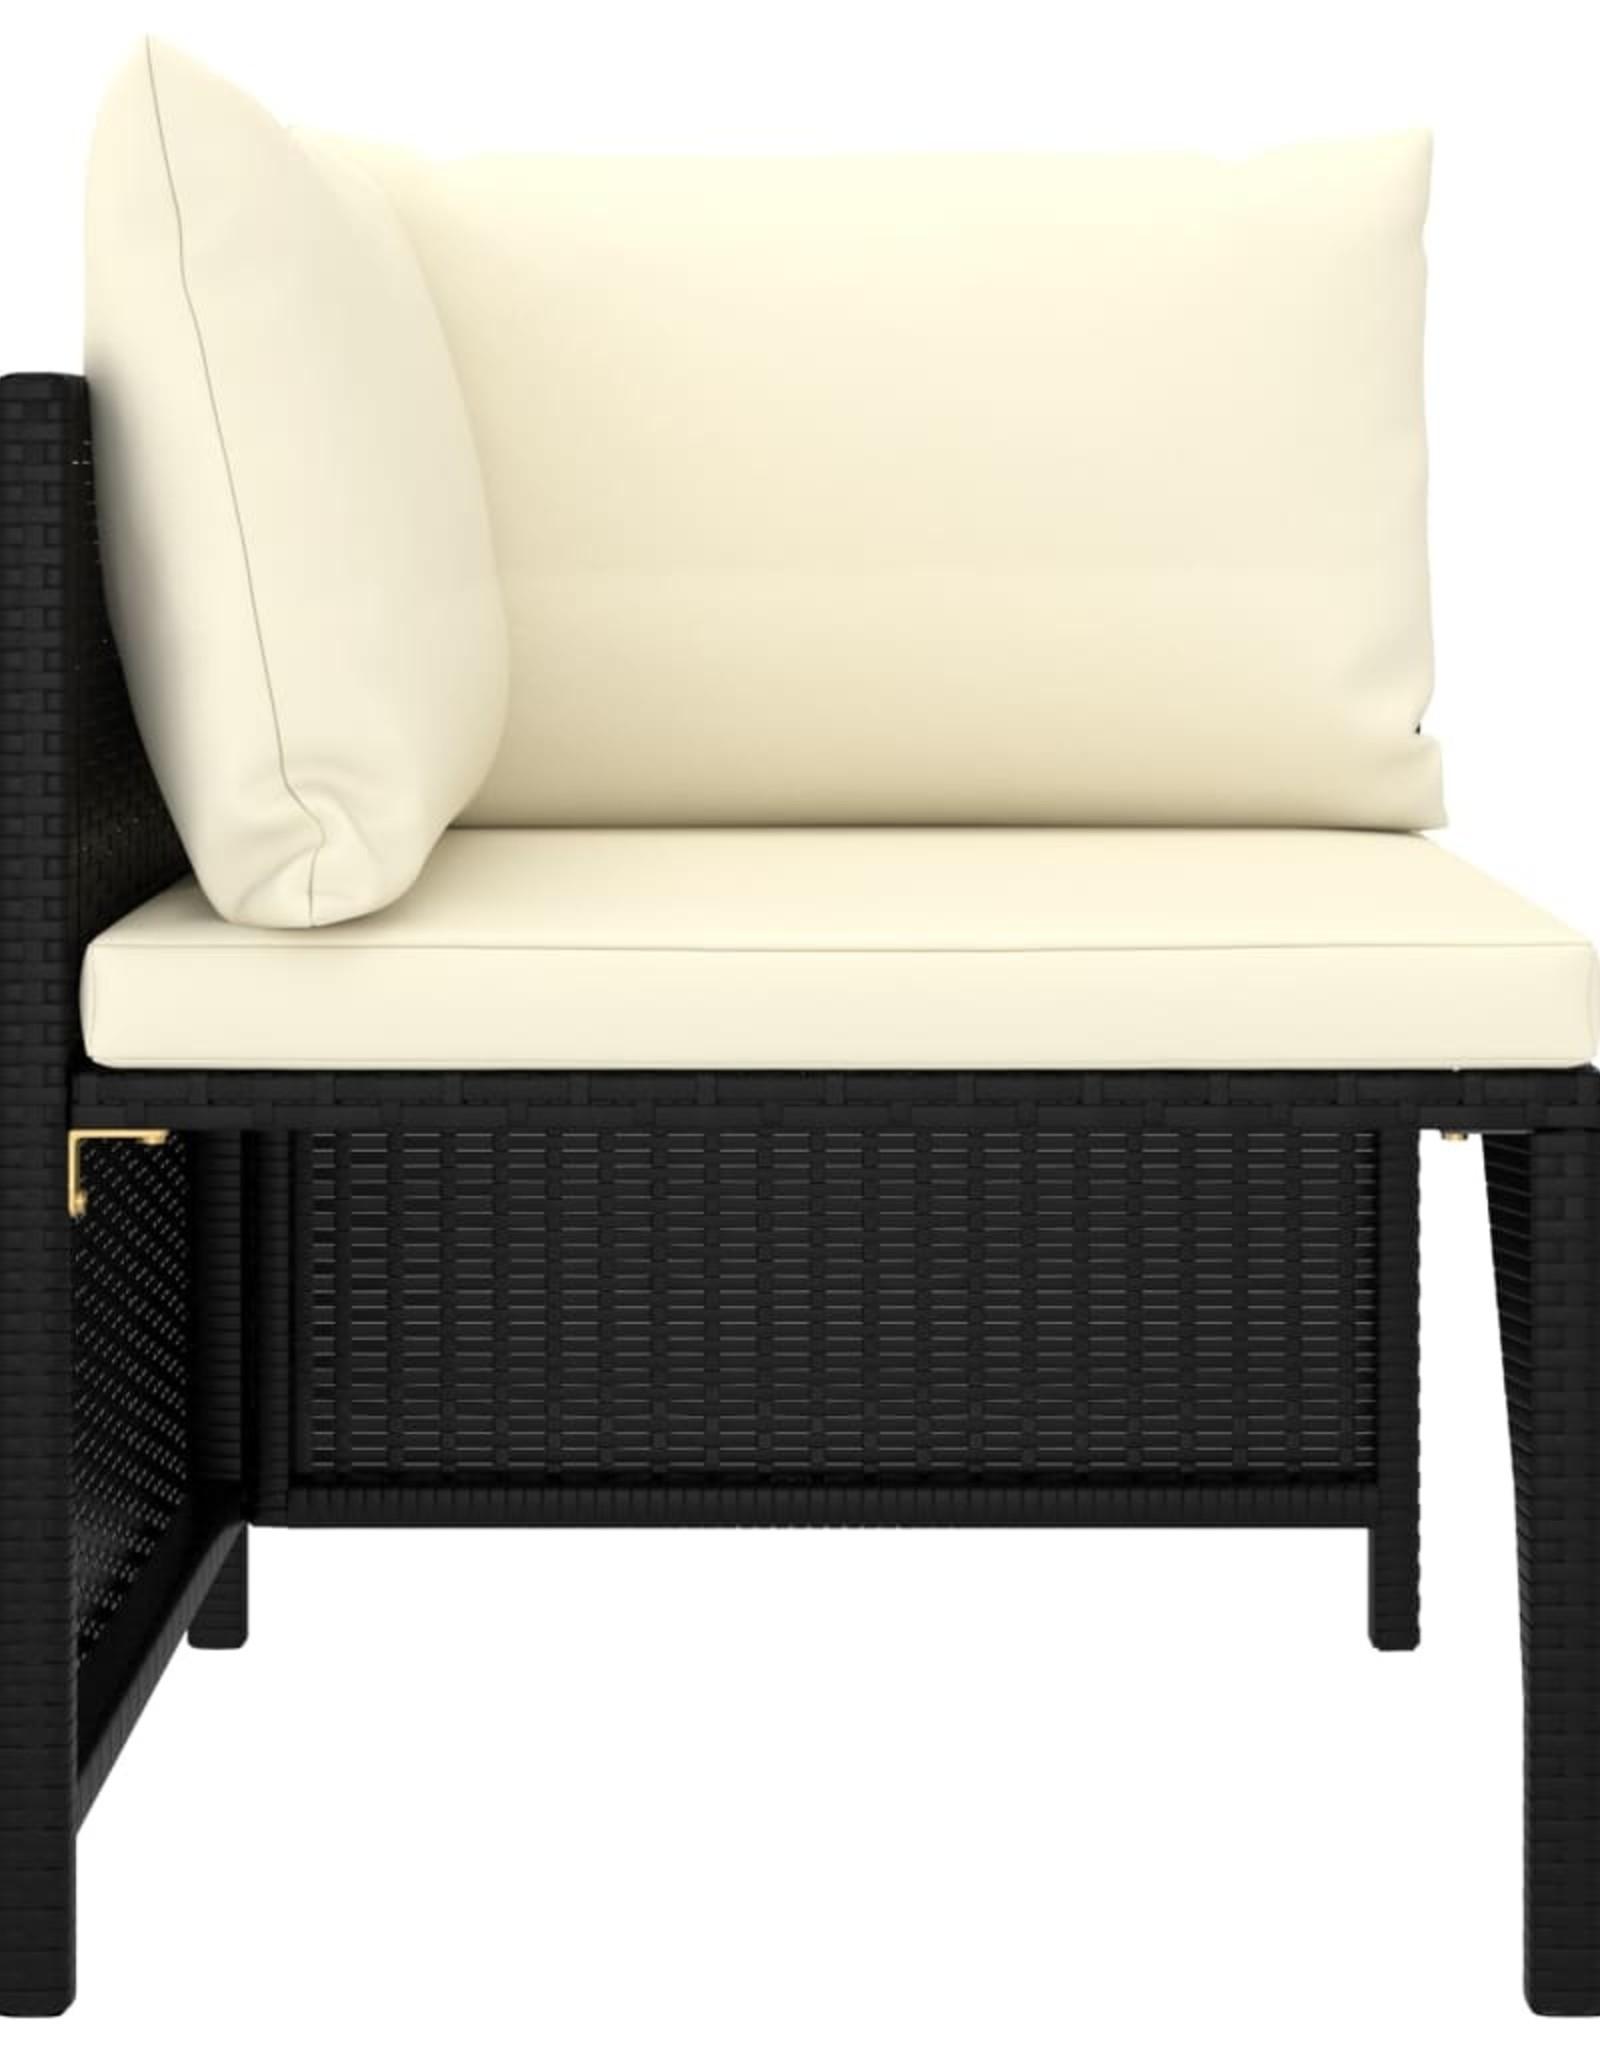 3-delige Loungeset met kussens poly rattan zwart